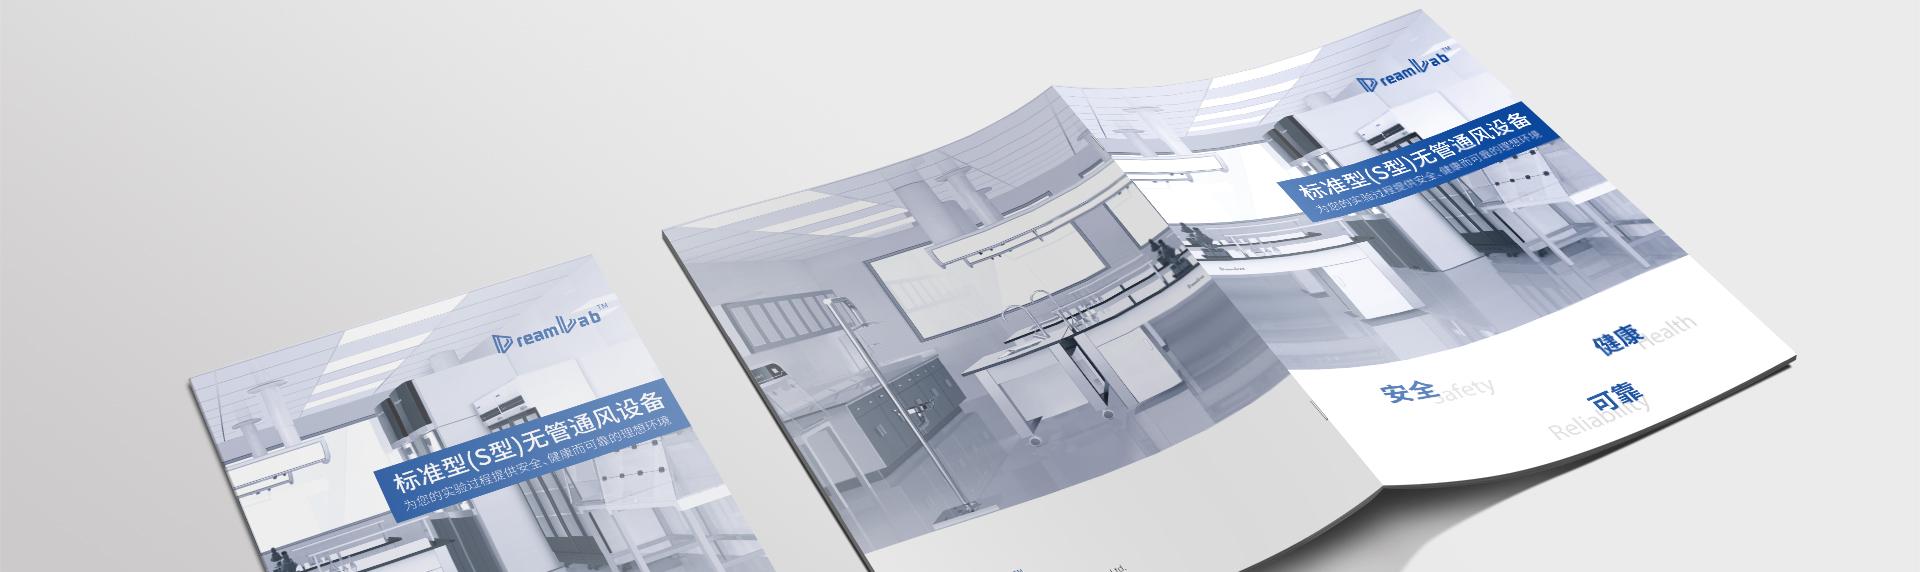 雅诗设计-君勒铂画册设计